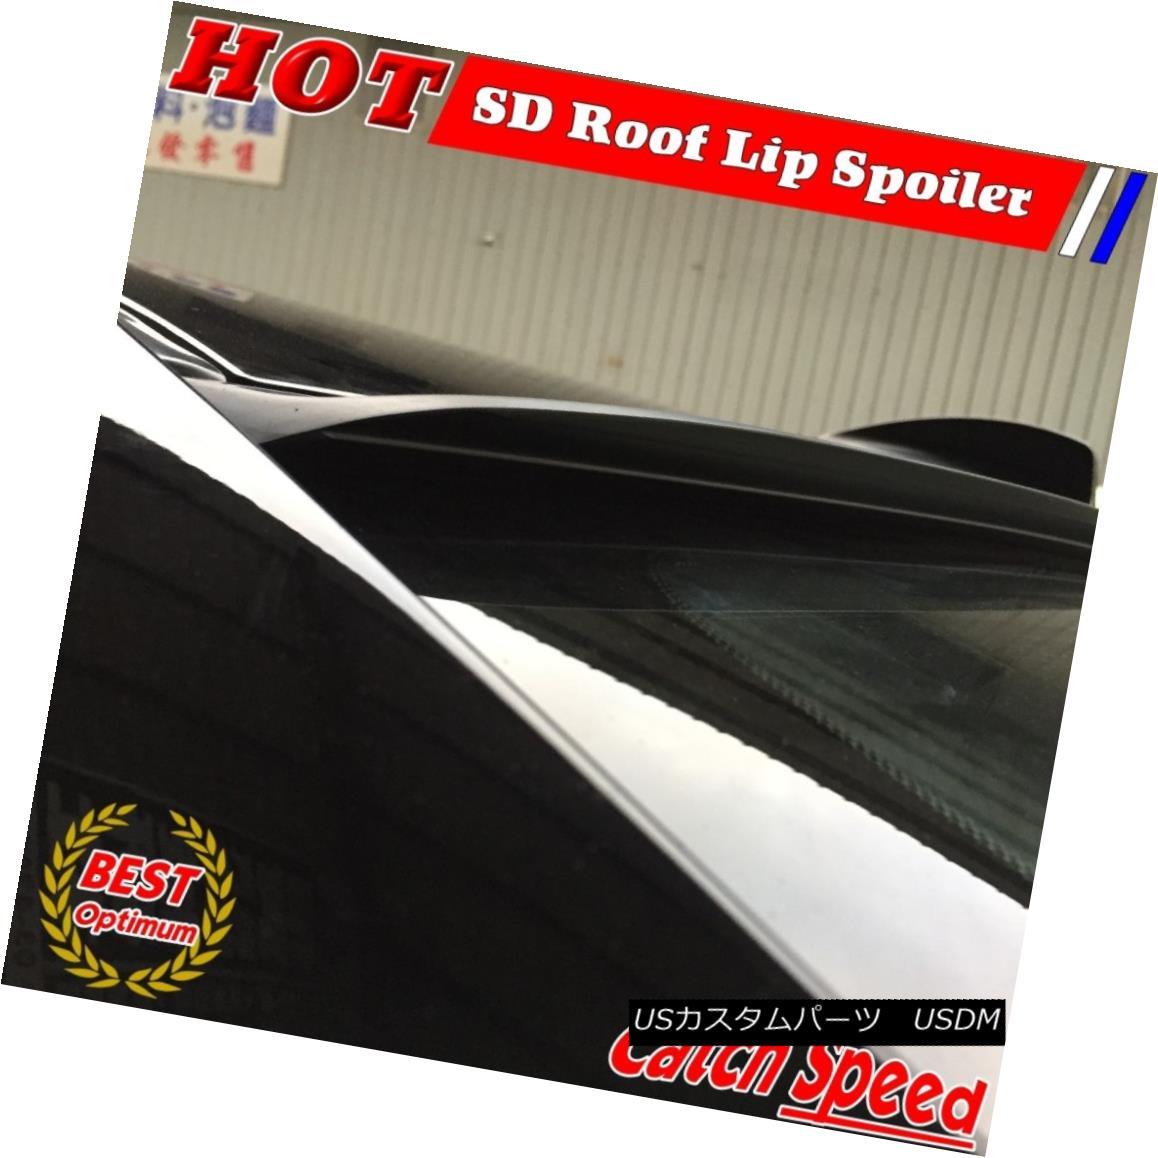 エアロパーツ Painted SD Rear Window Roof Spoiler For 7 series BMW F01 F02 F03 Sedan 2009~2011 塗装済みSDリアウィンドウルーフスポイラー7シリーズ用BMW F01 F02 F03セダン2009?2011